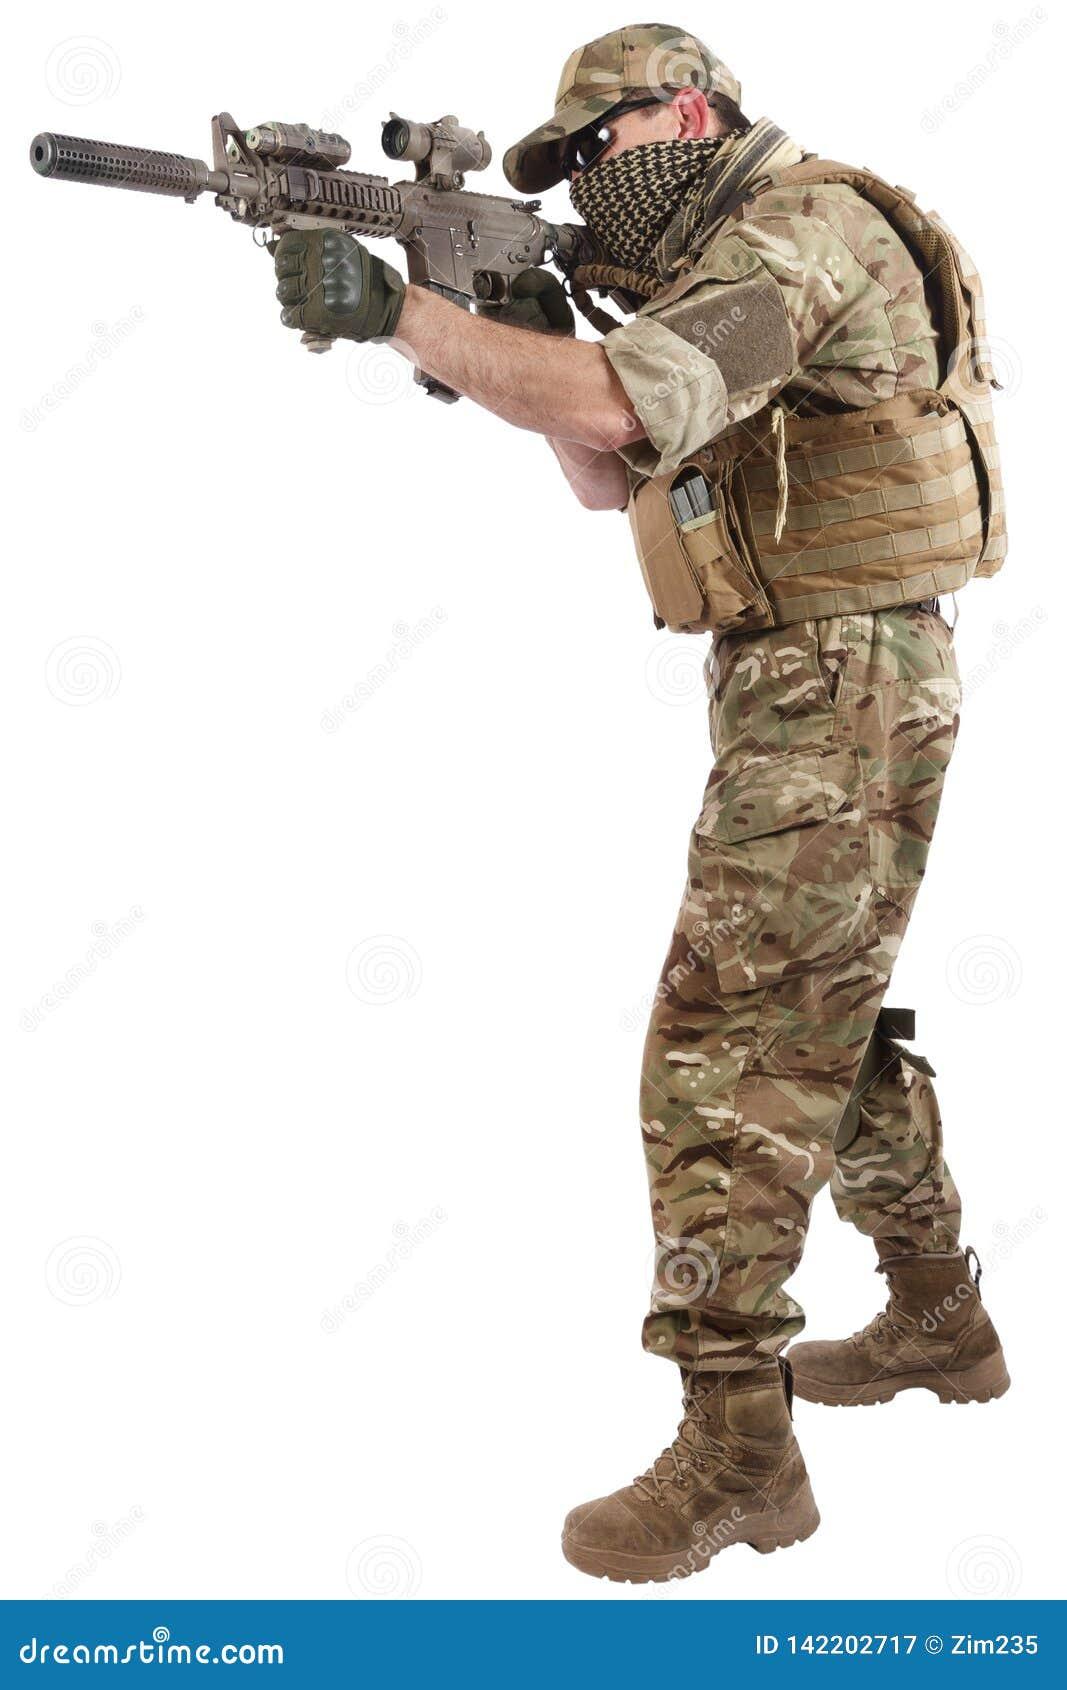 Auftragnehmer Private Military Company mit Sturmgewehr